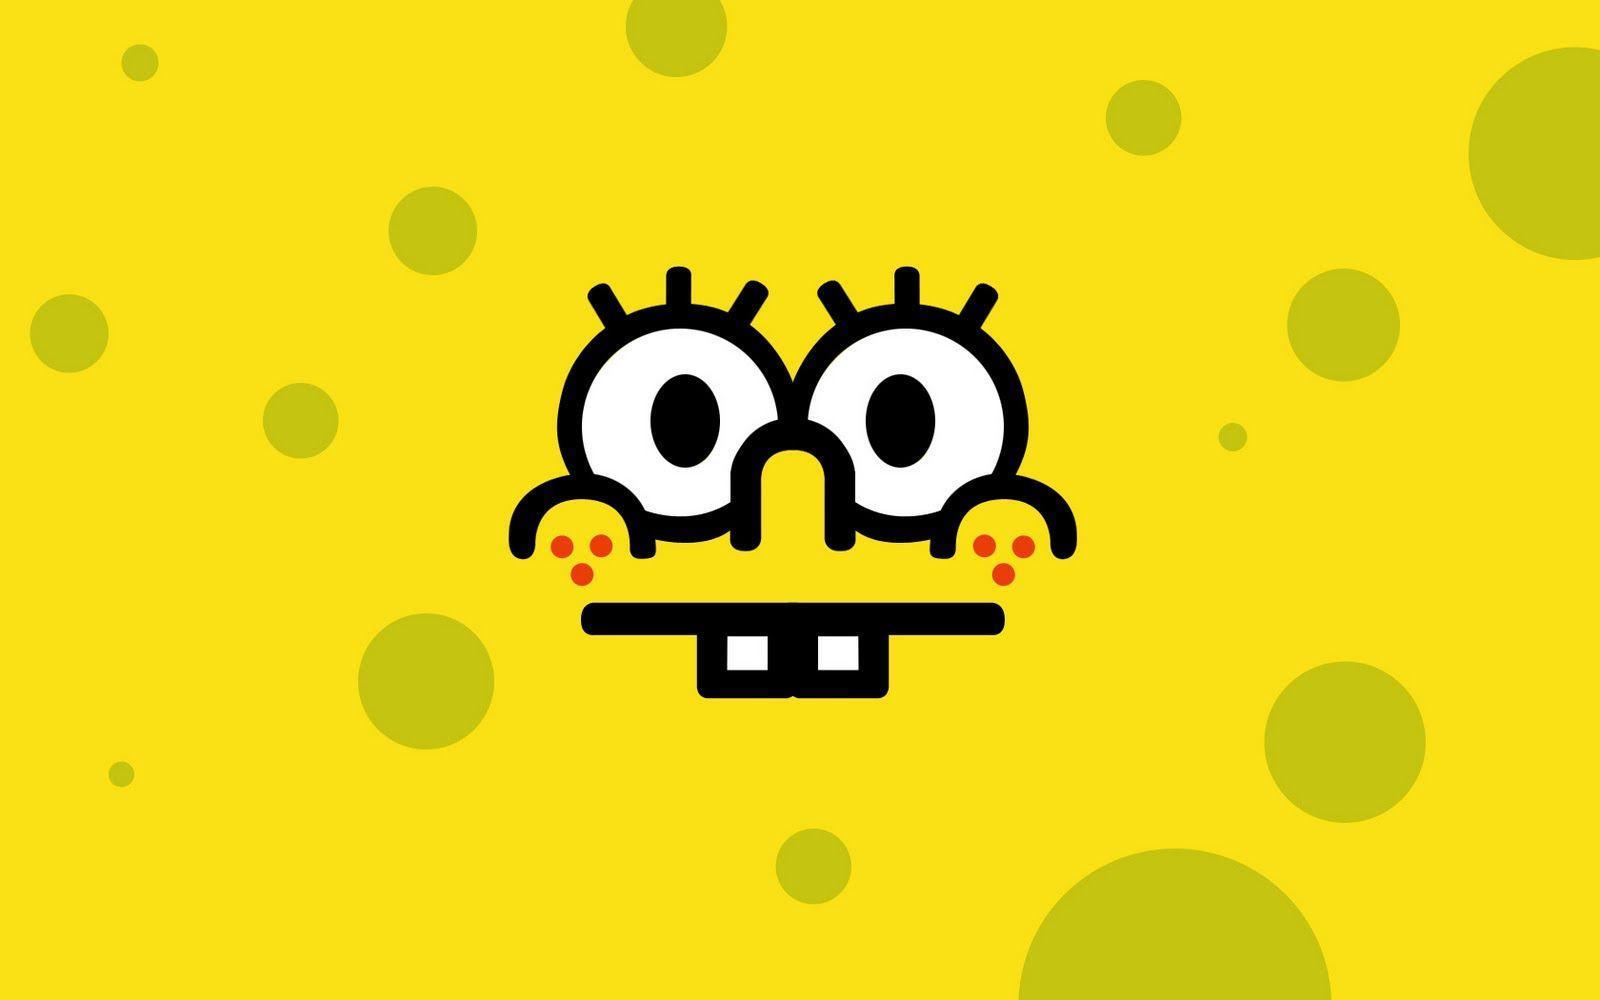 Spongebob Wallpapers Hd: Funny Spongebob Wallpapers